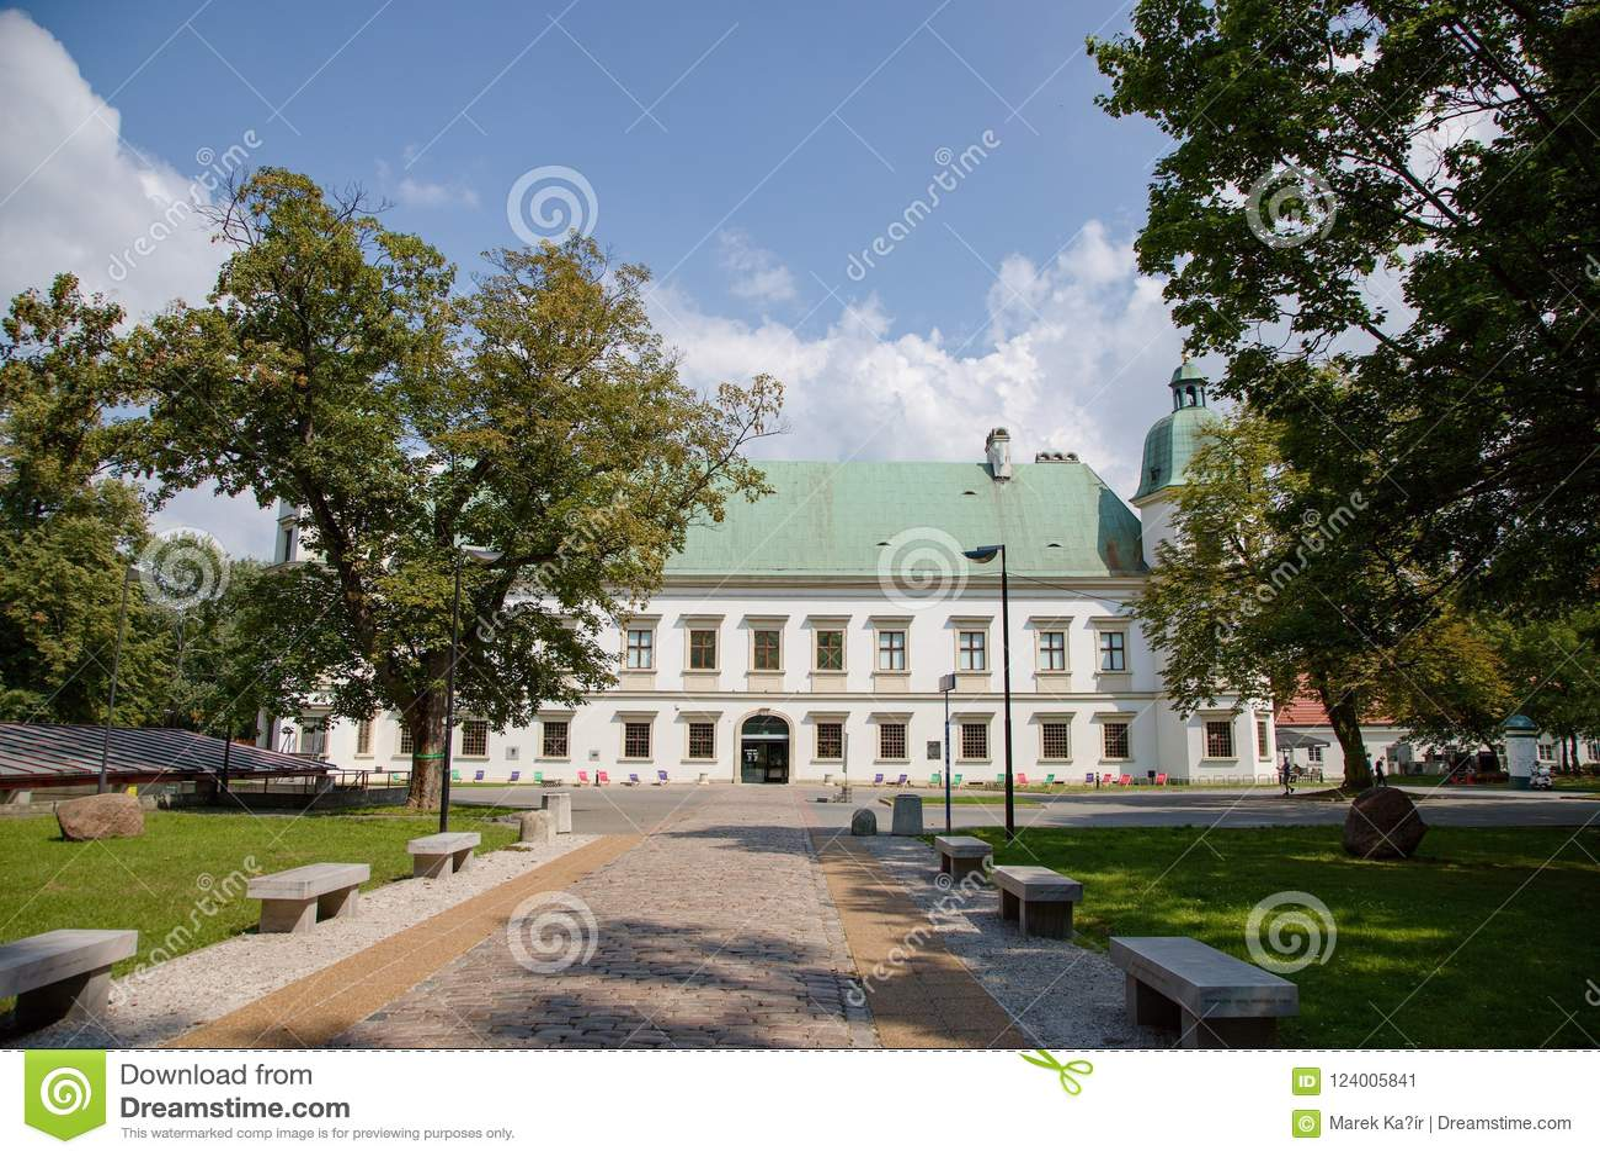 Замок w ³ Ujazdà в Варшаве в Польше, Европе